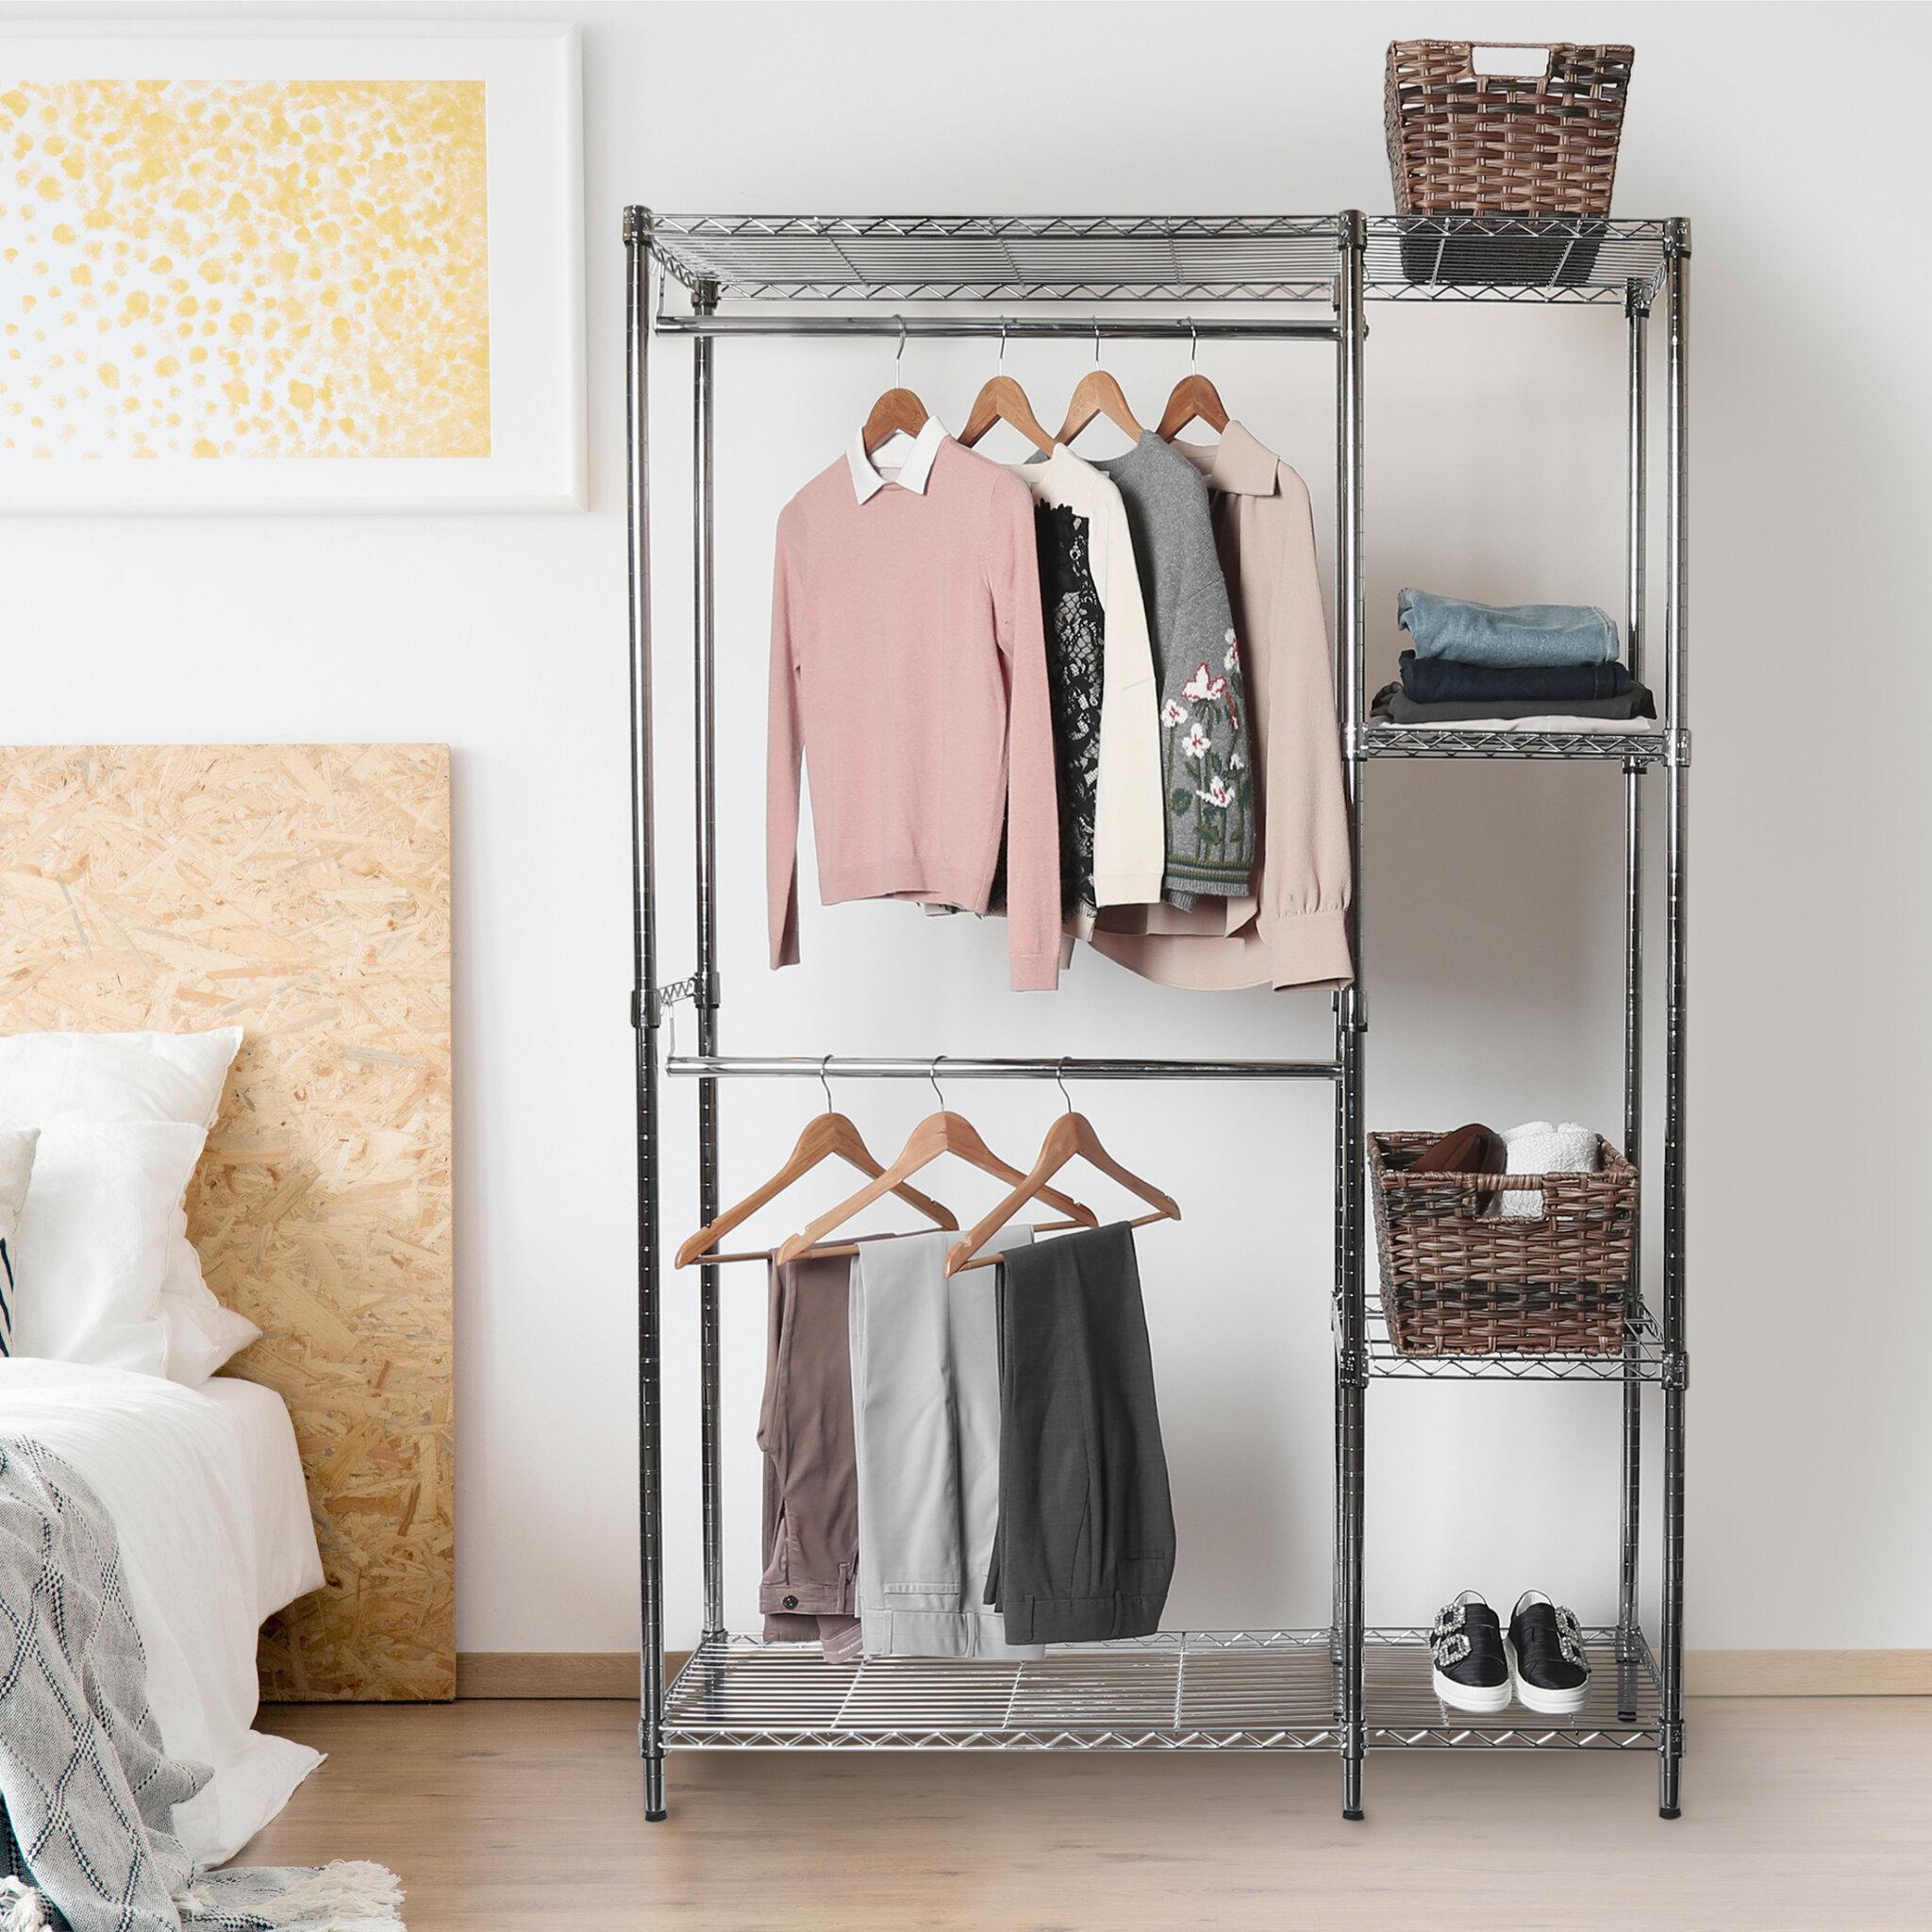 48 Steel Wire Adjule Garment Rack